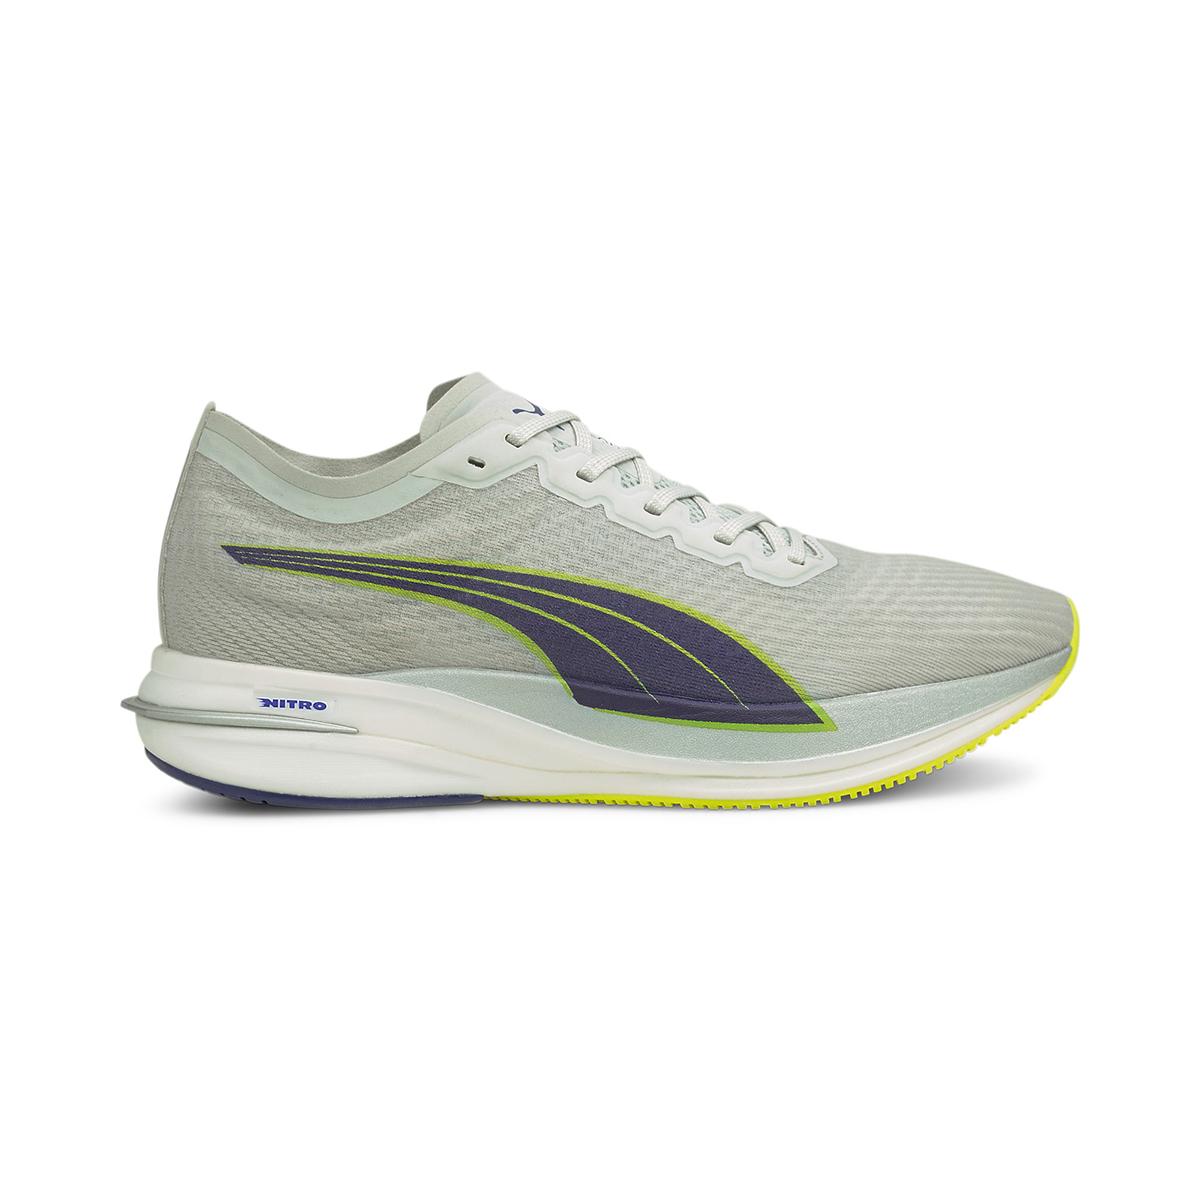 Men's Puma Deviate Nitro Running Shoe - Color: Gray Violet - Size: 7 - Width: Regular, Gray Violet, large, image 1